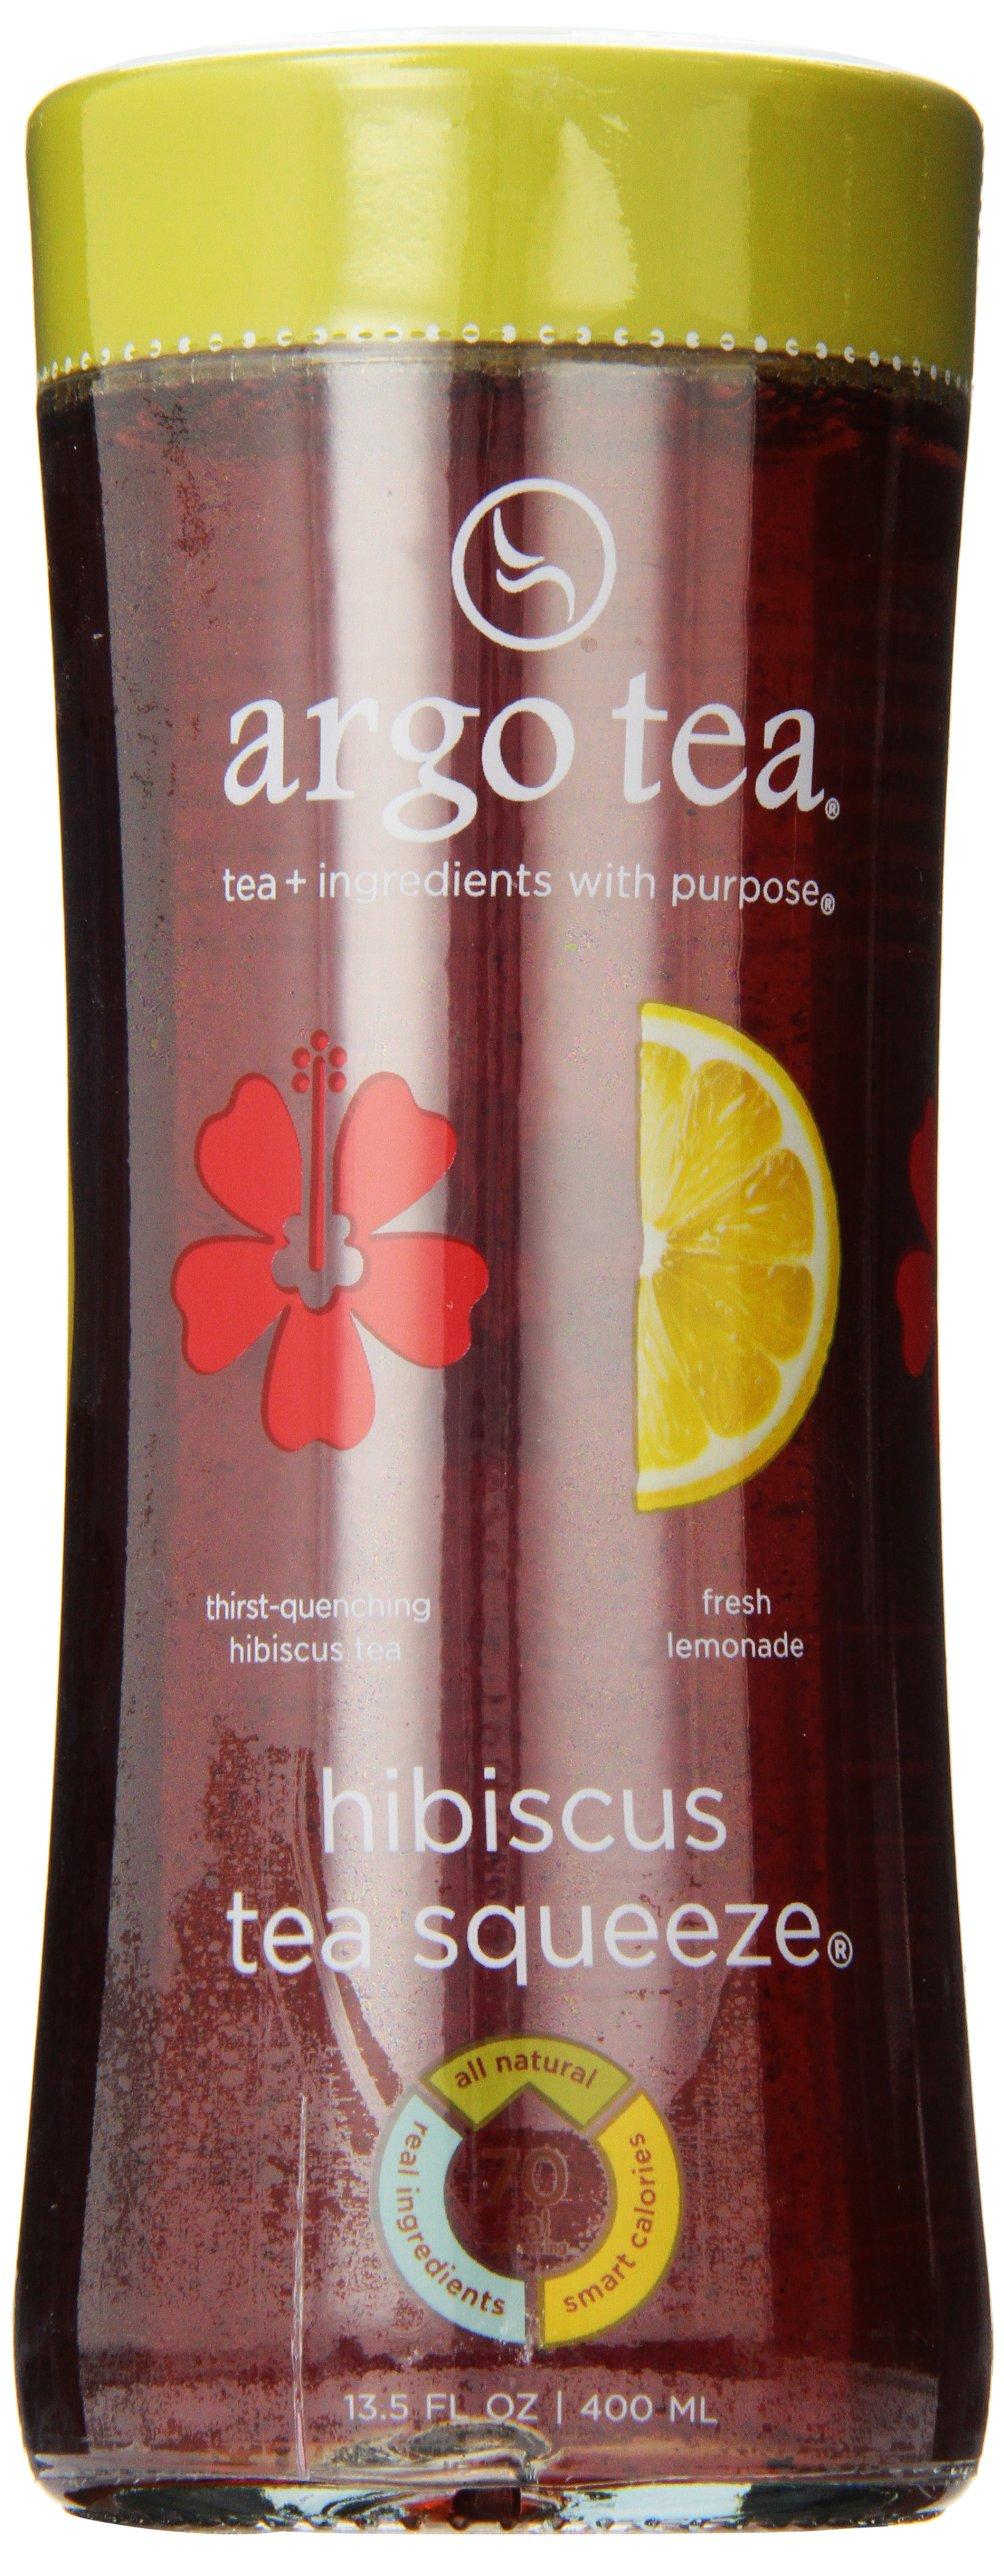 Hibiscus Tea Squeeze® Bottled Tea (Case of 12) by Argo Tea